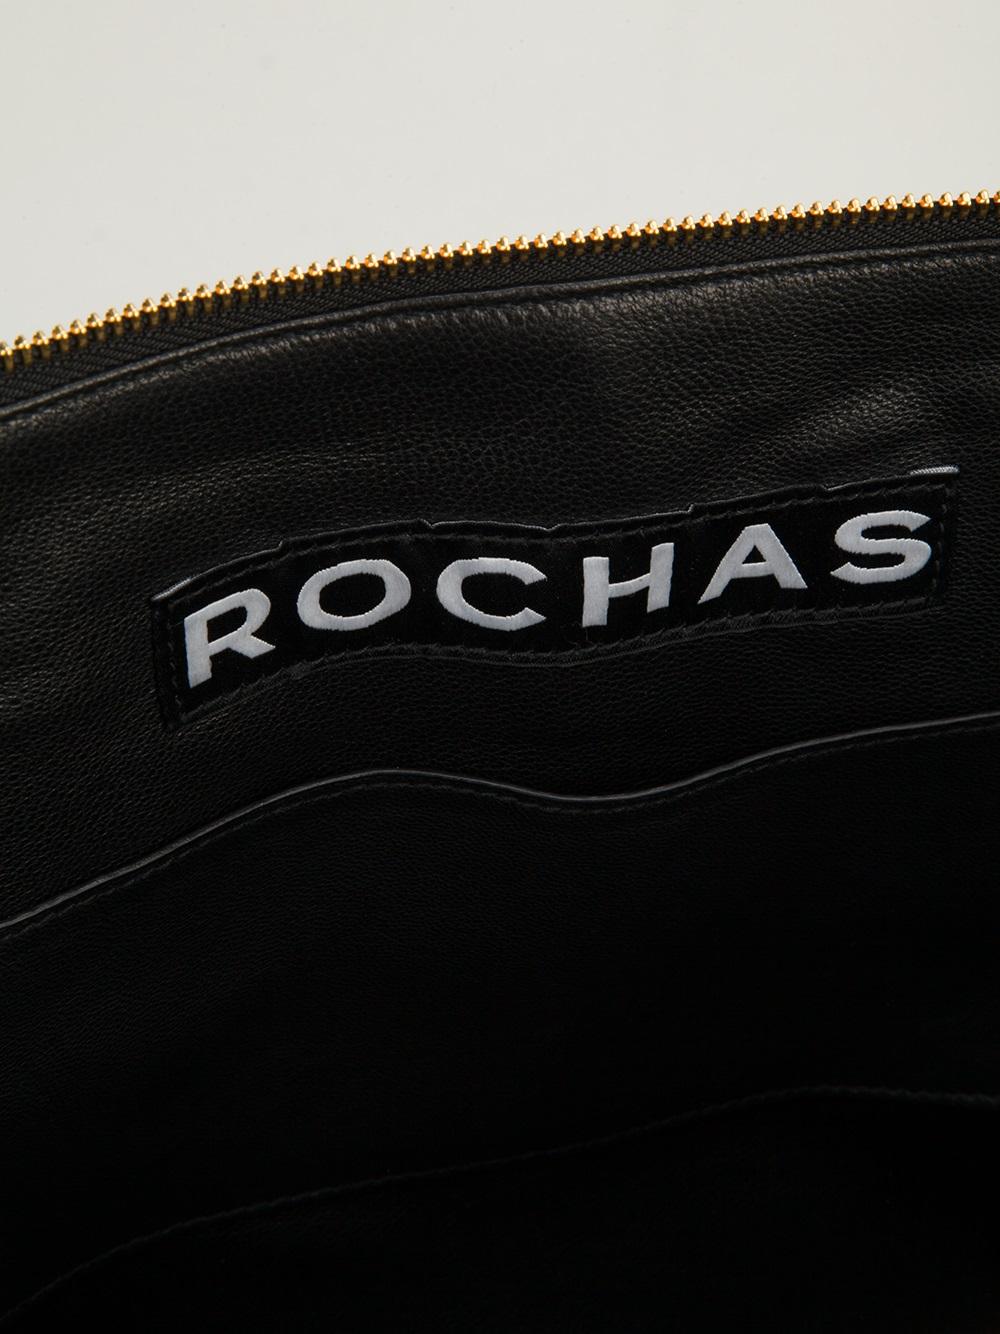 Rochas Leti Tote in Black